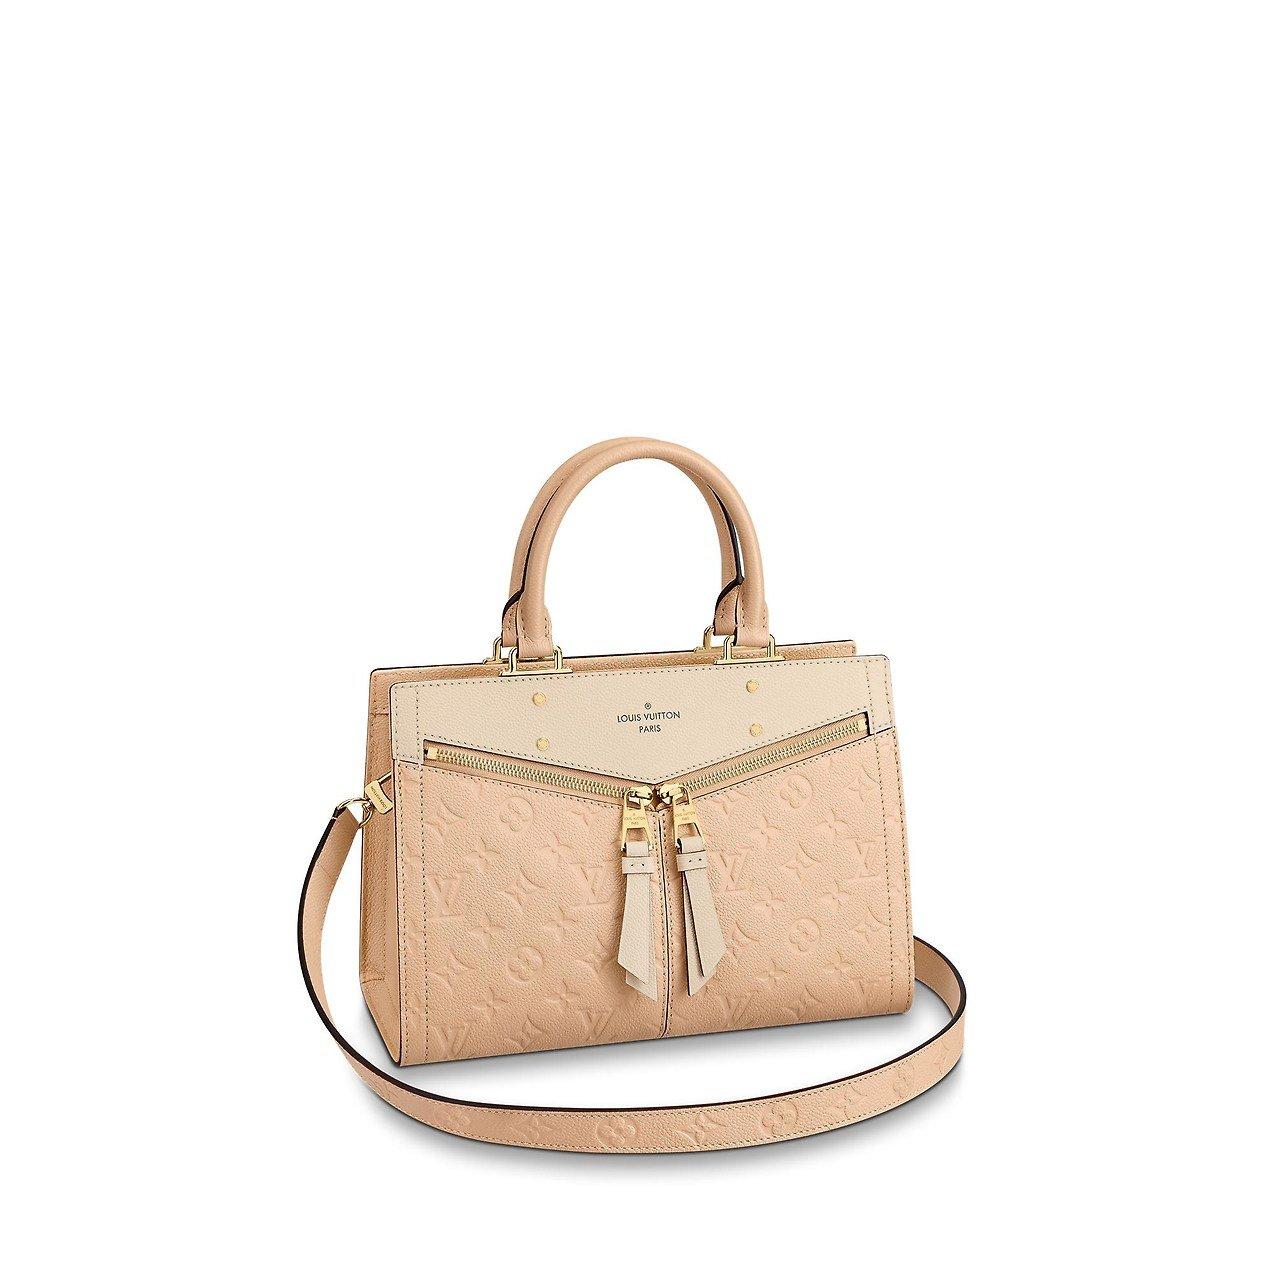 Nuova borsa Louis Vuitton modello Sully 2019 prezzo 2020 euro